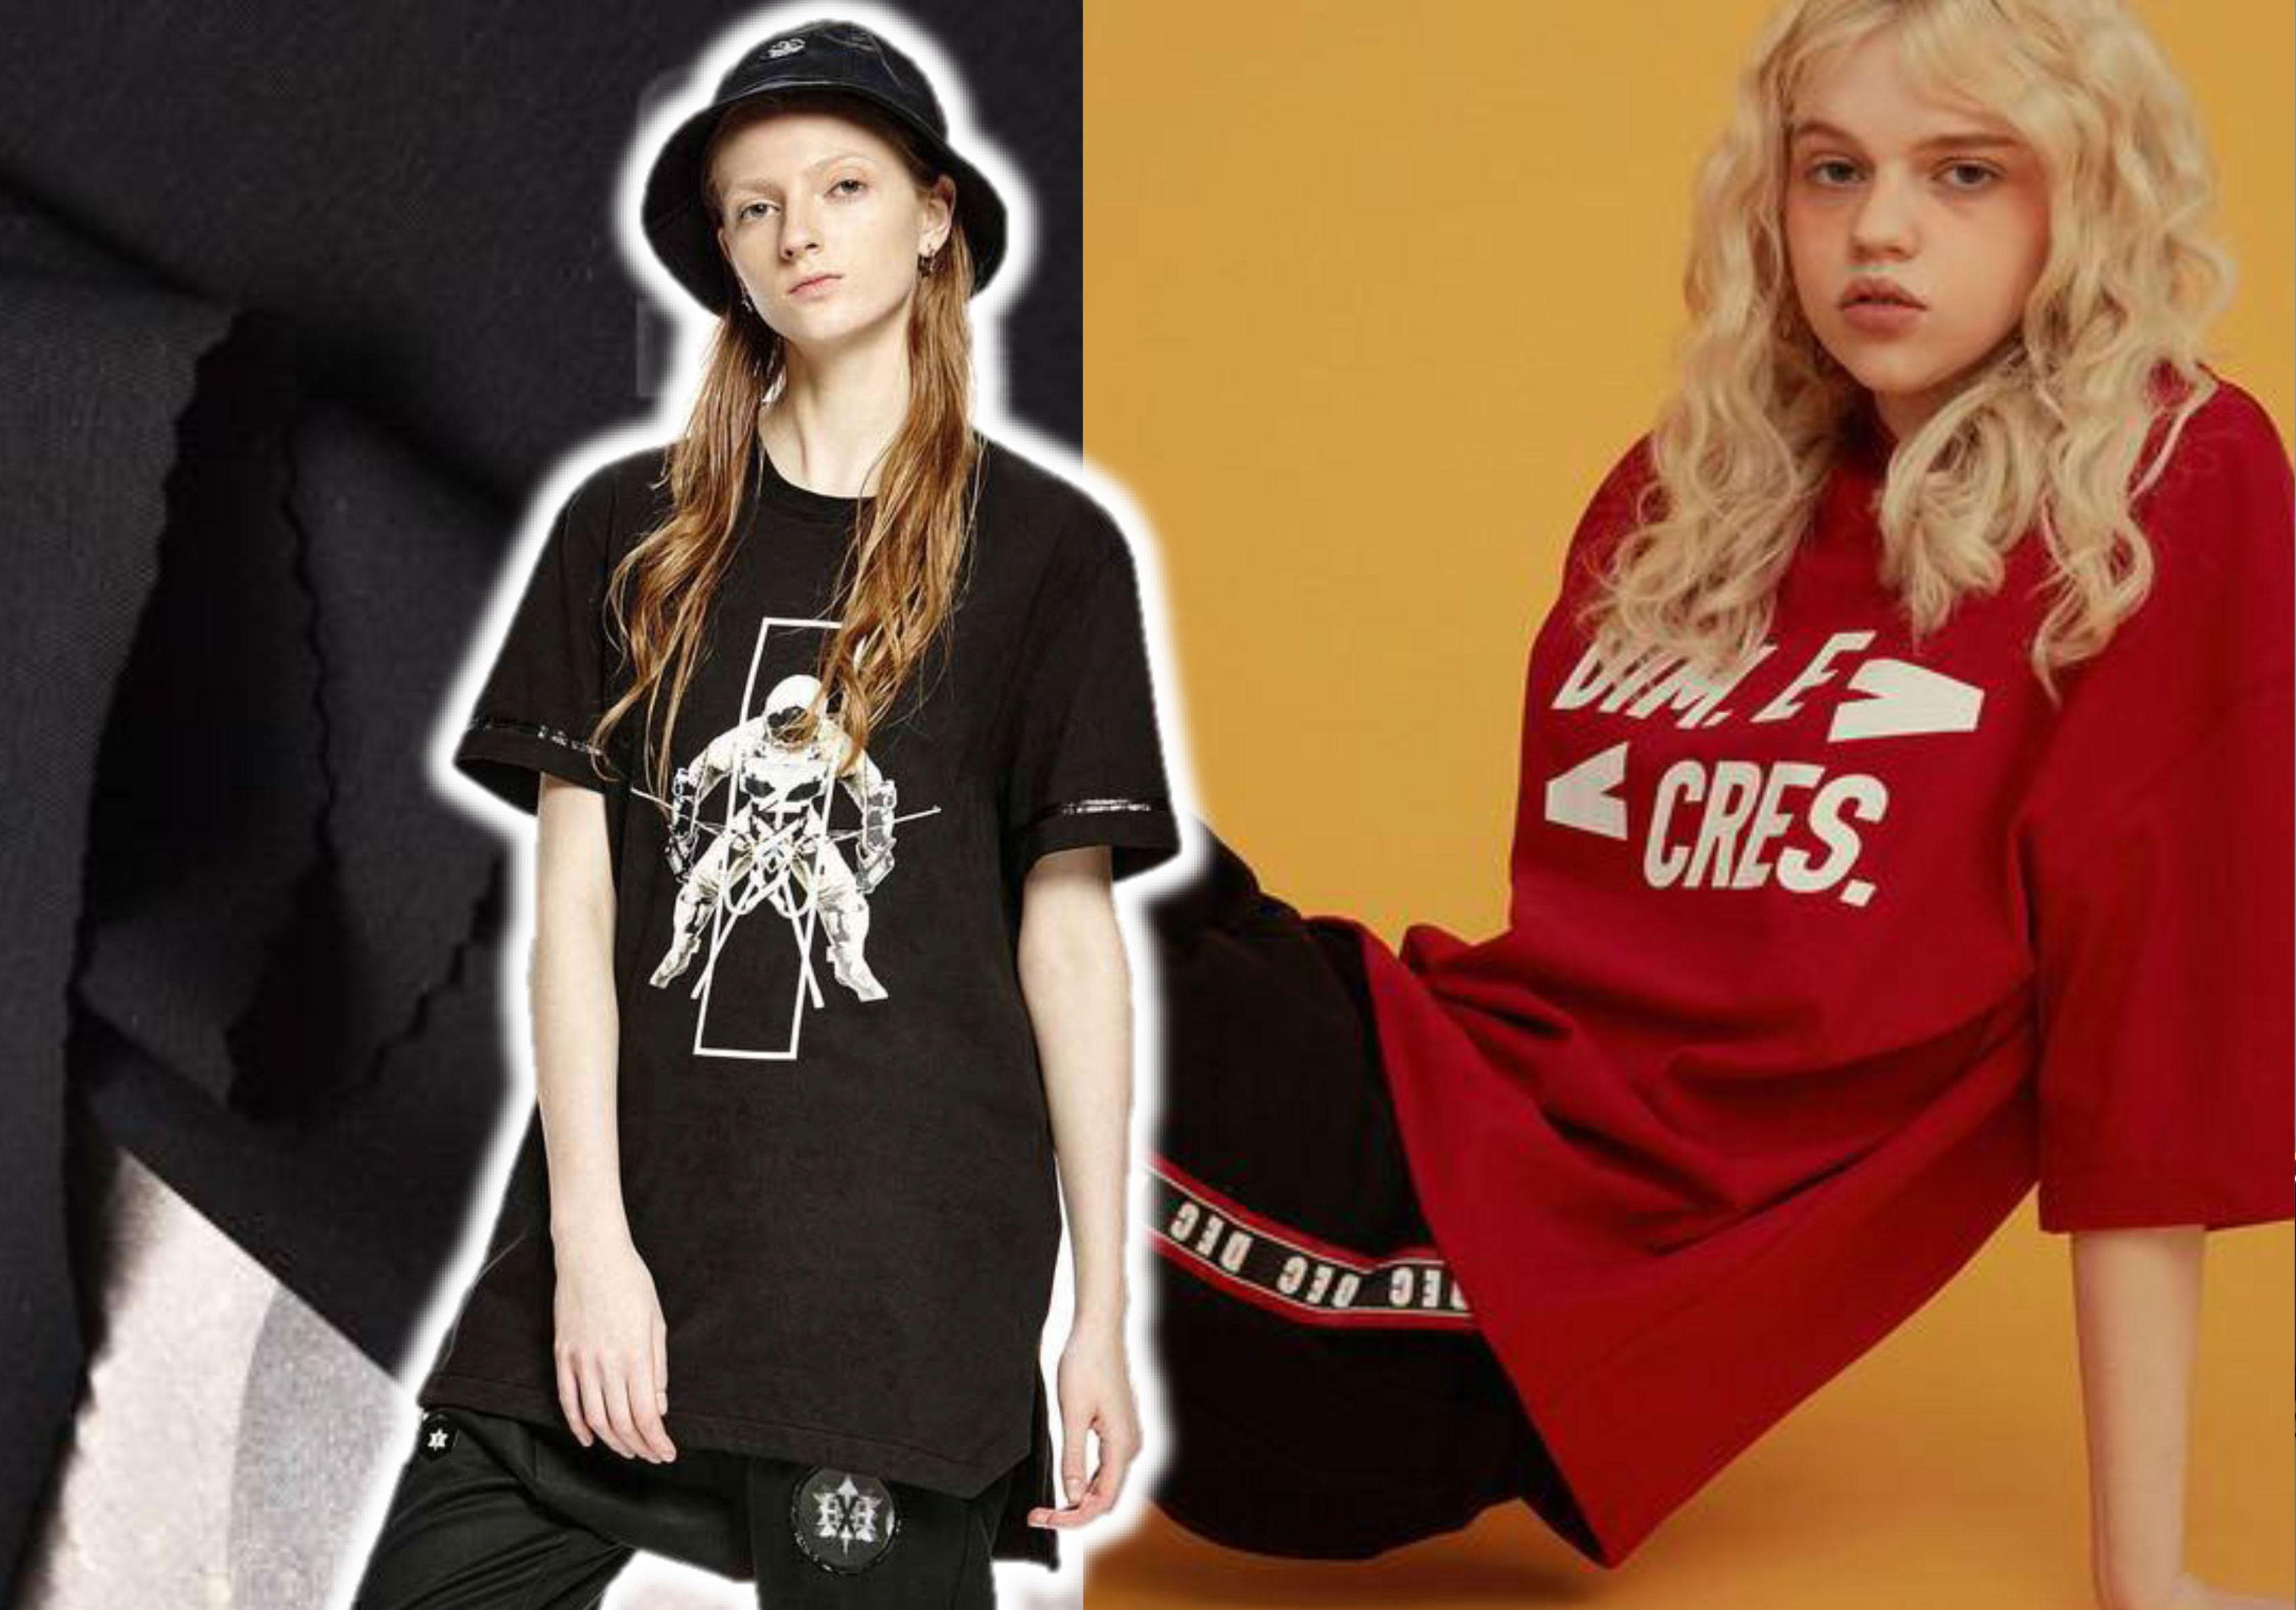 2018春夏女裝作為時尚界Must-have的單品,T恤一定是榜單之首尤其是T恤的面料及印花,都展現了一個品牌不同季度產品的特色!